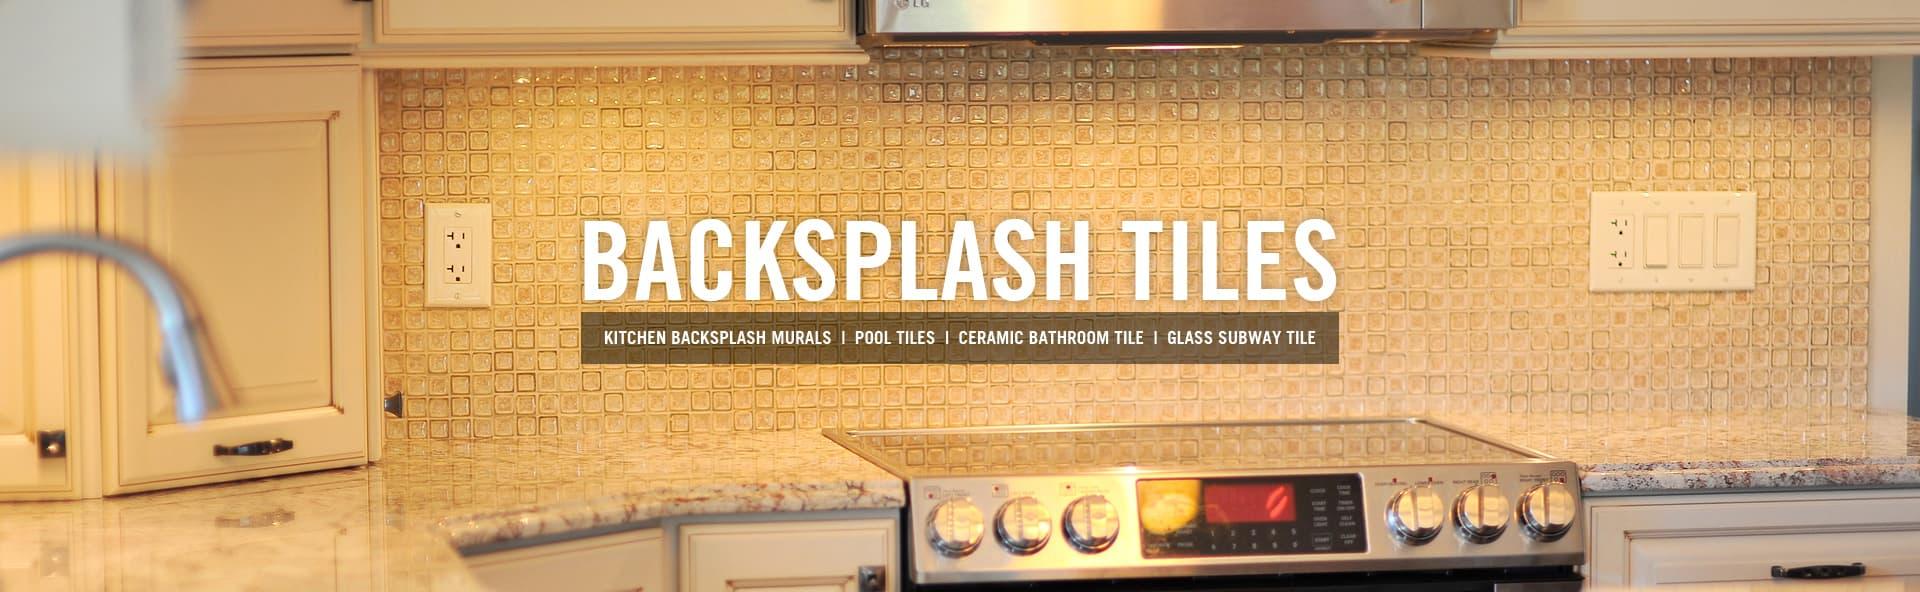 Shop for kitchen backsplashes